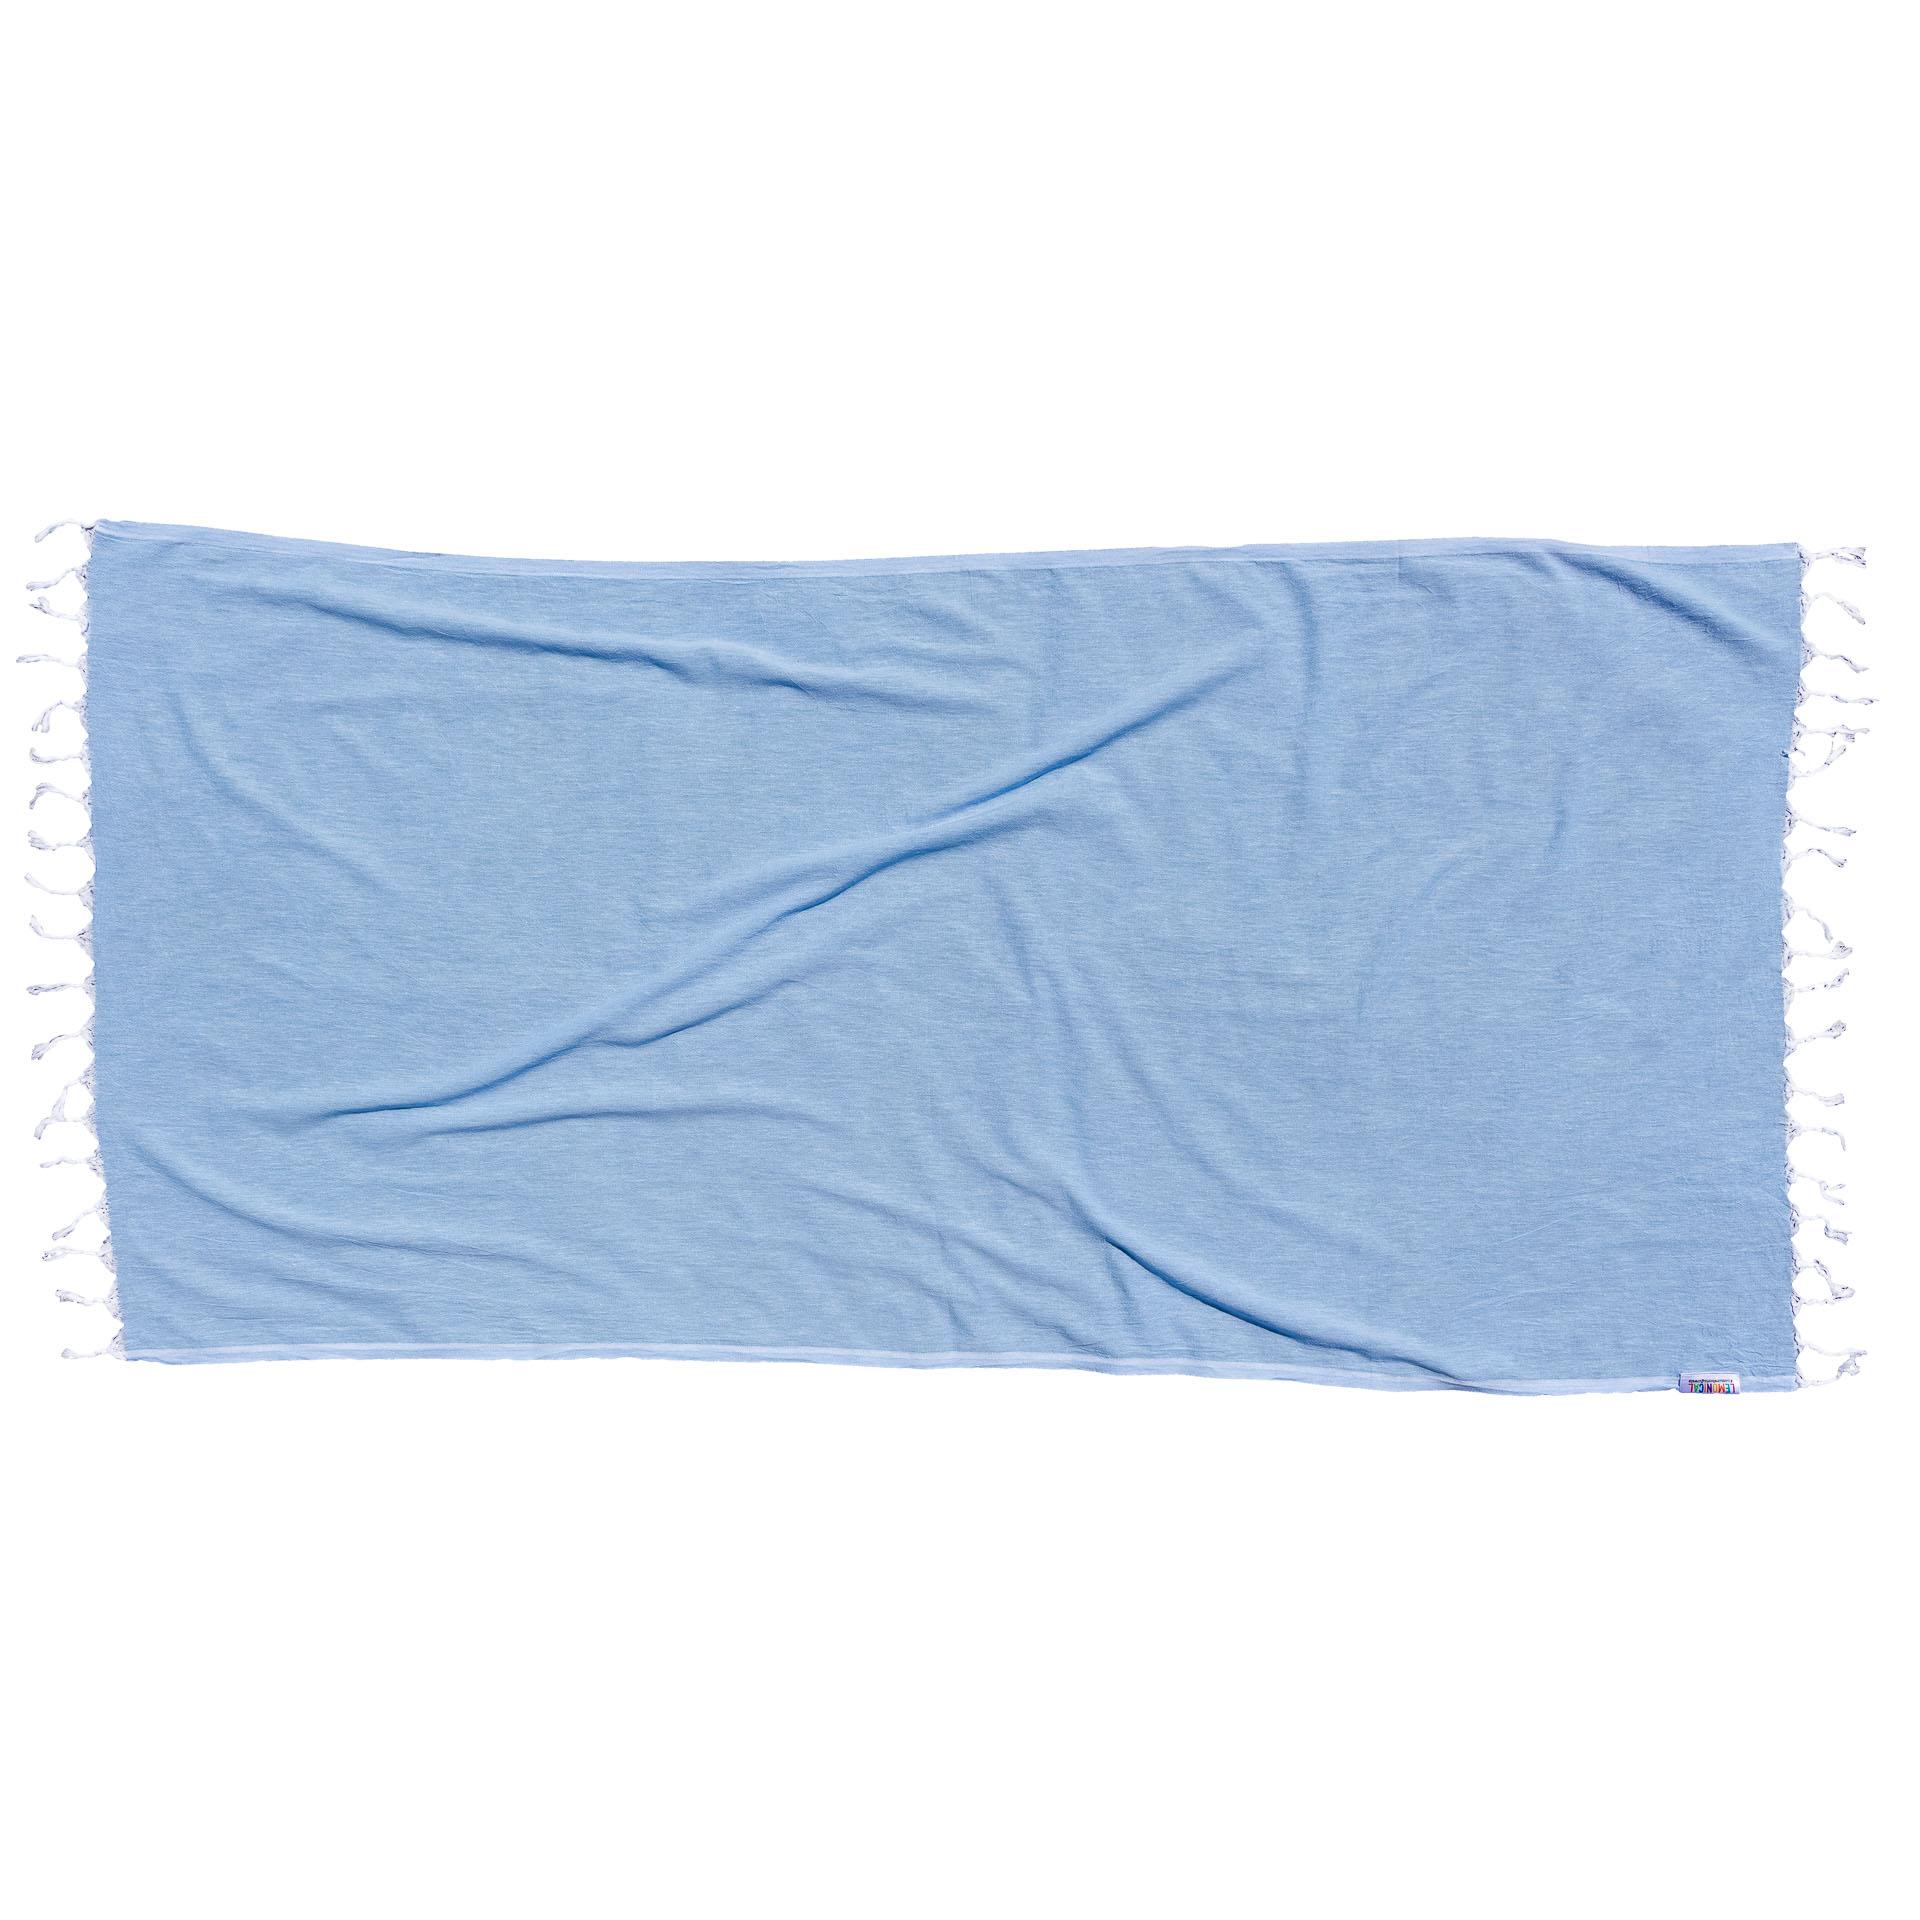 Atmosfera towel